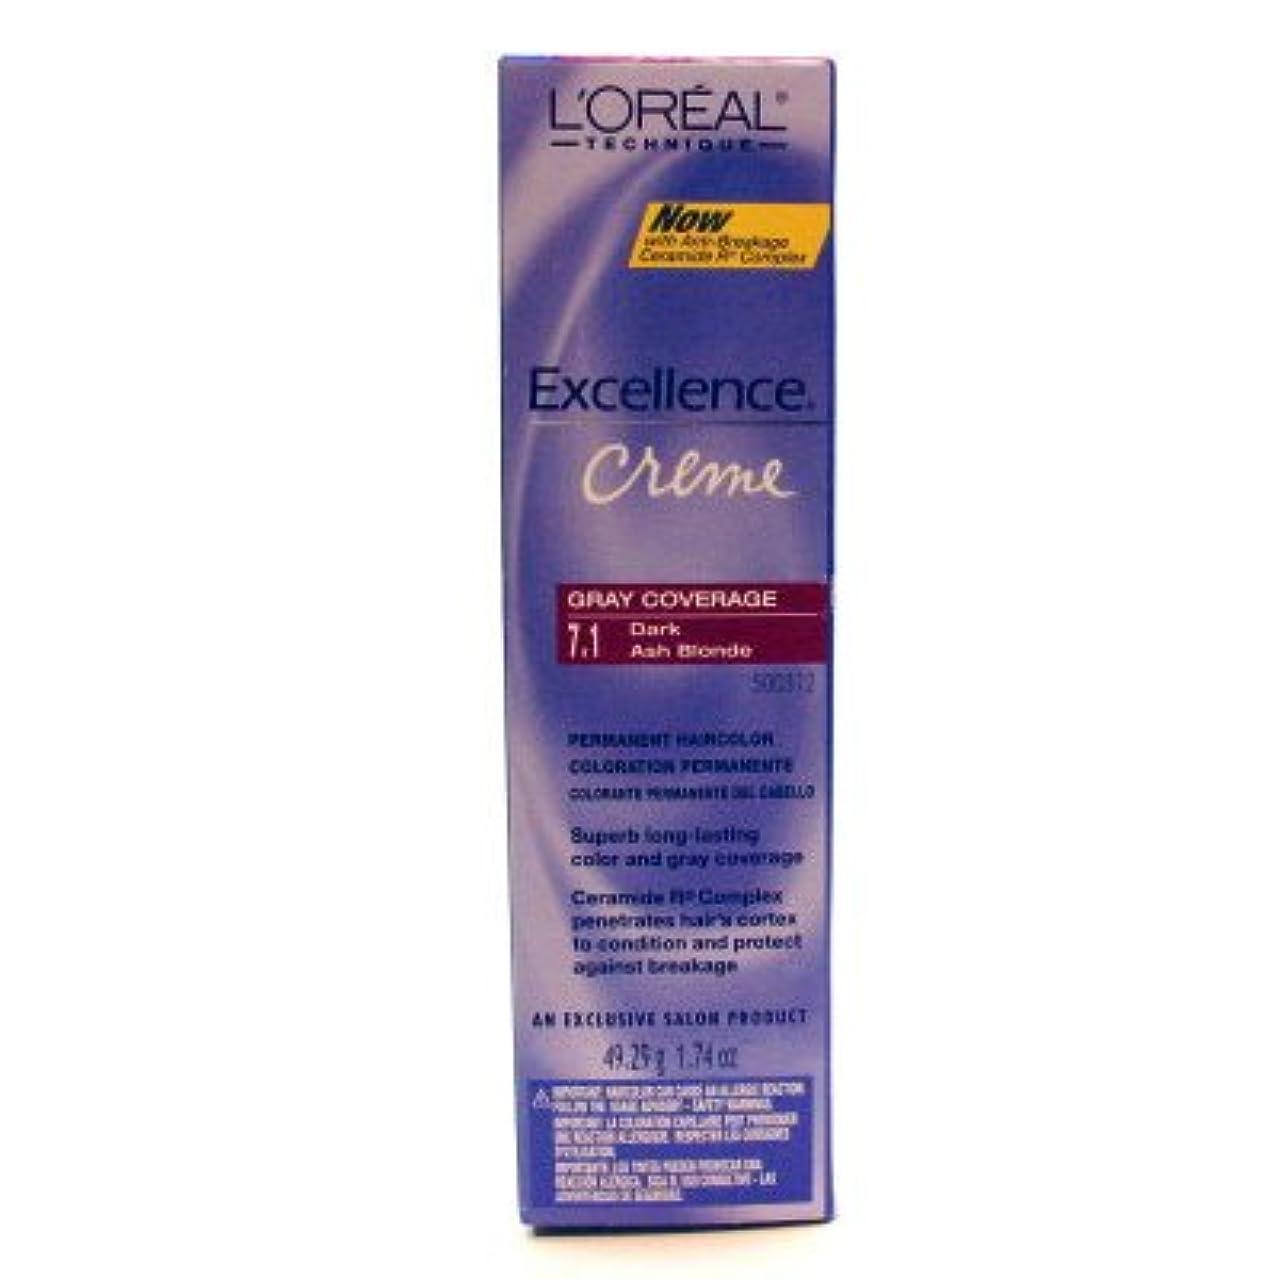 トレーニング媒染剤細菌L'Oreal Paris ロレアル?エクセレンスクリームパーマネントヘアカラー、ダークアッシュブロンドの#7.1、1.74オズ